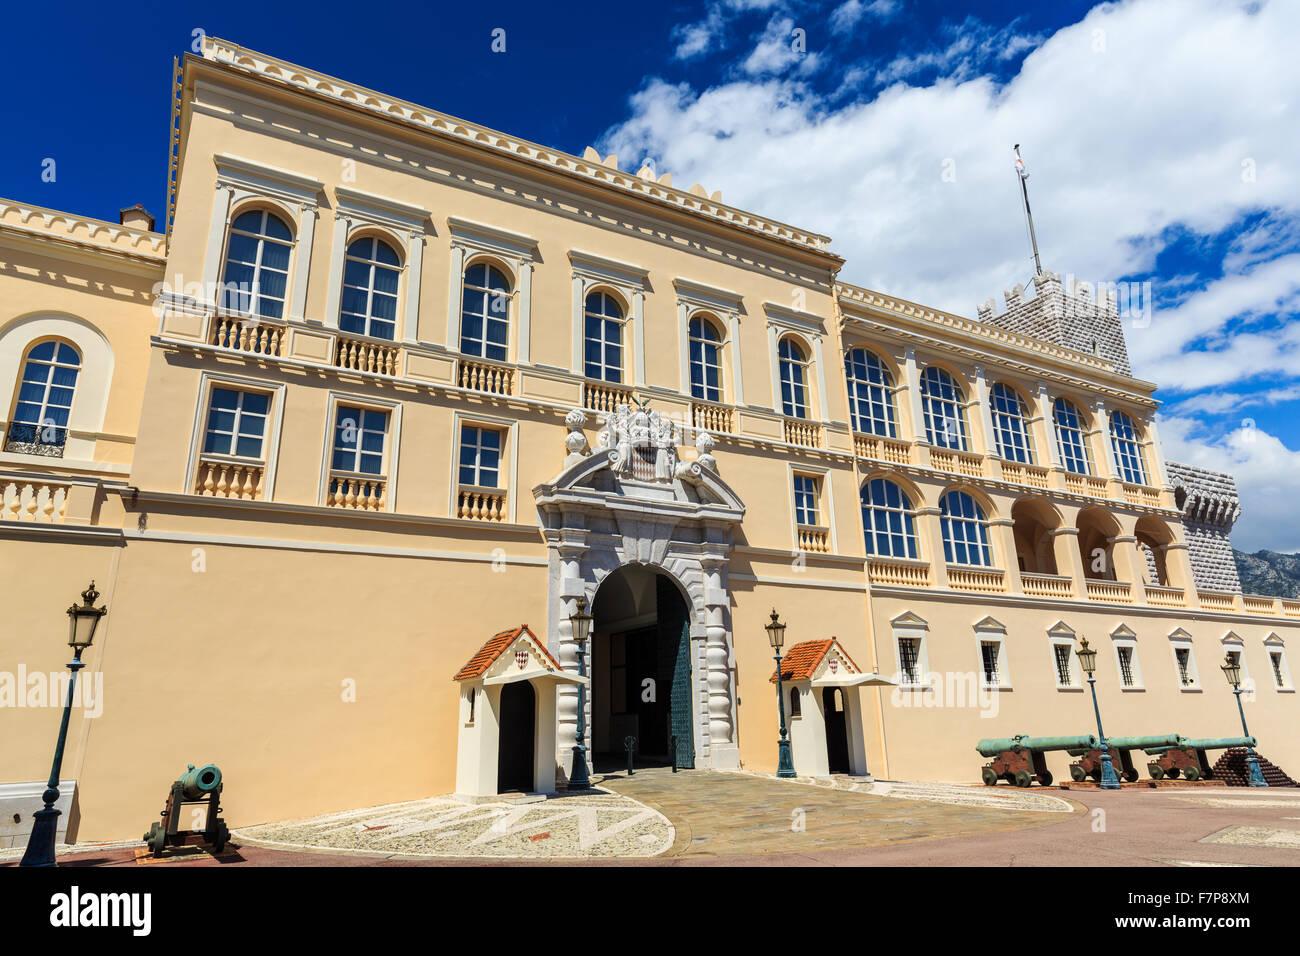 Monaco, Principality of Monaco Royal Palace Facade. Monte Carlo - Stock Image